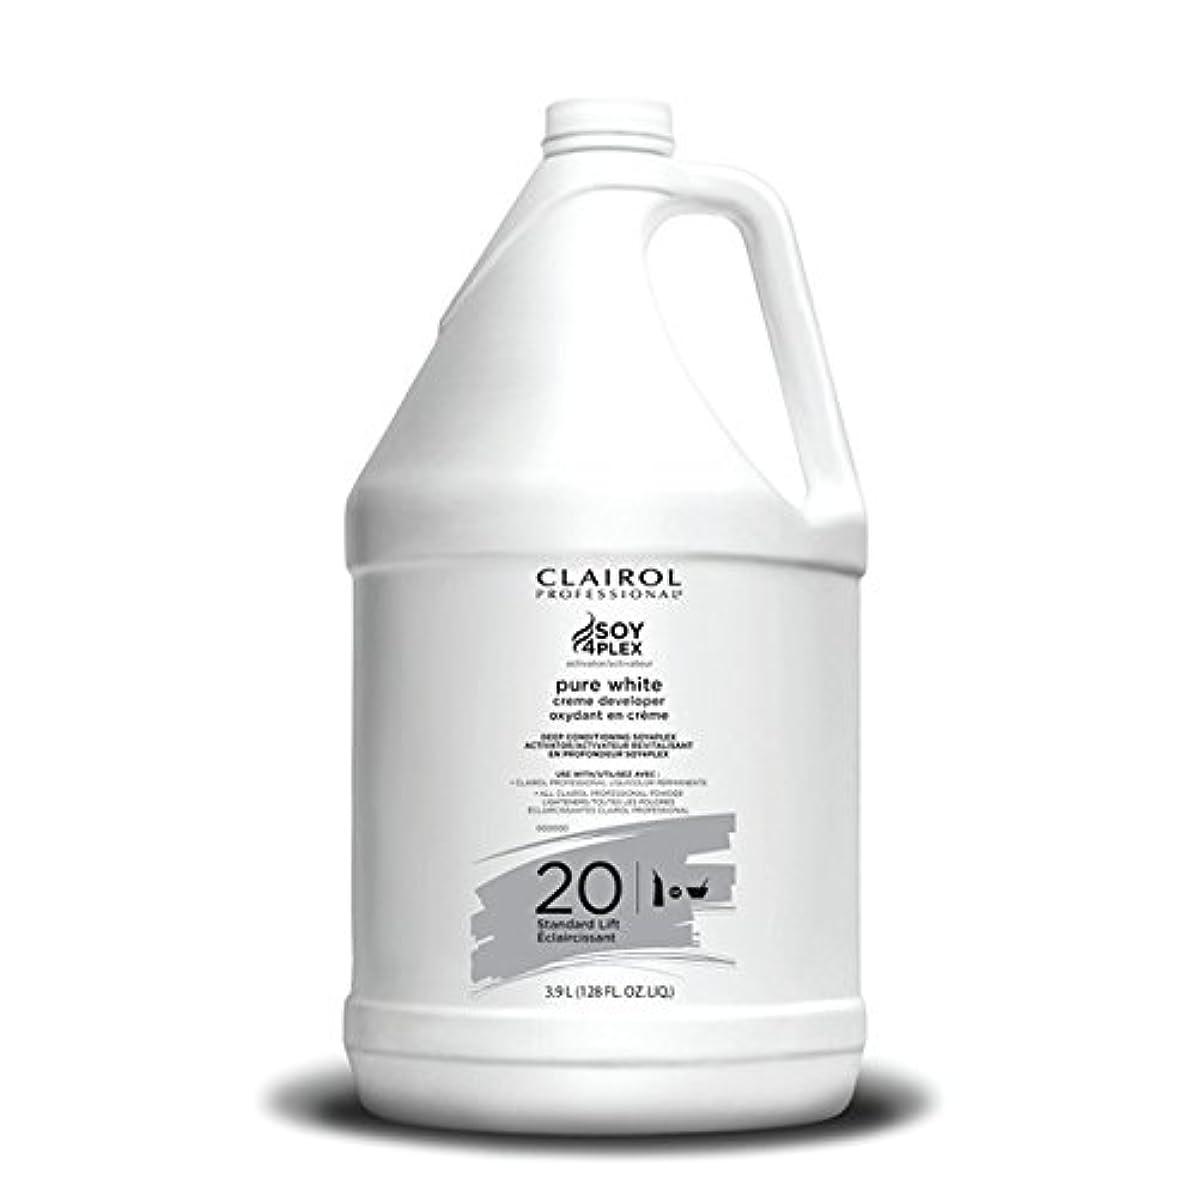 敏感なブランド受け継ぐClairol Professional Soy4plex Pure White Creme Hair Color Developer, 20 Volume